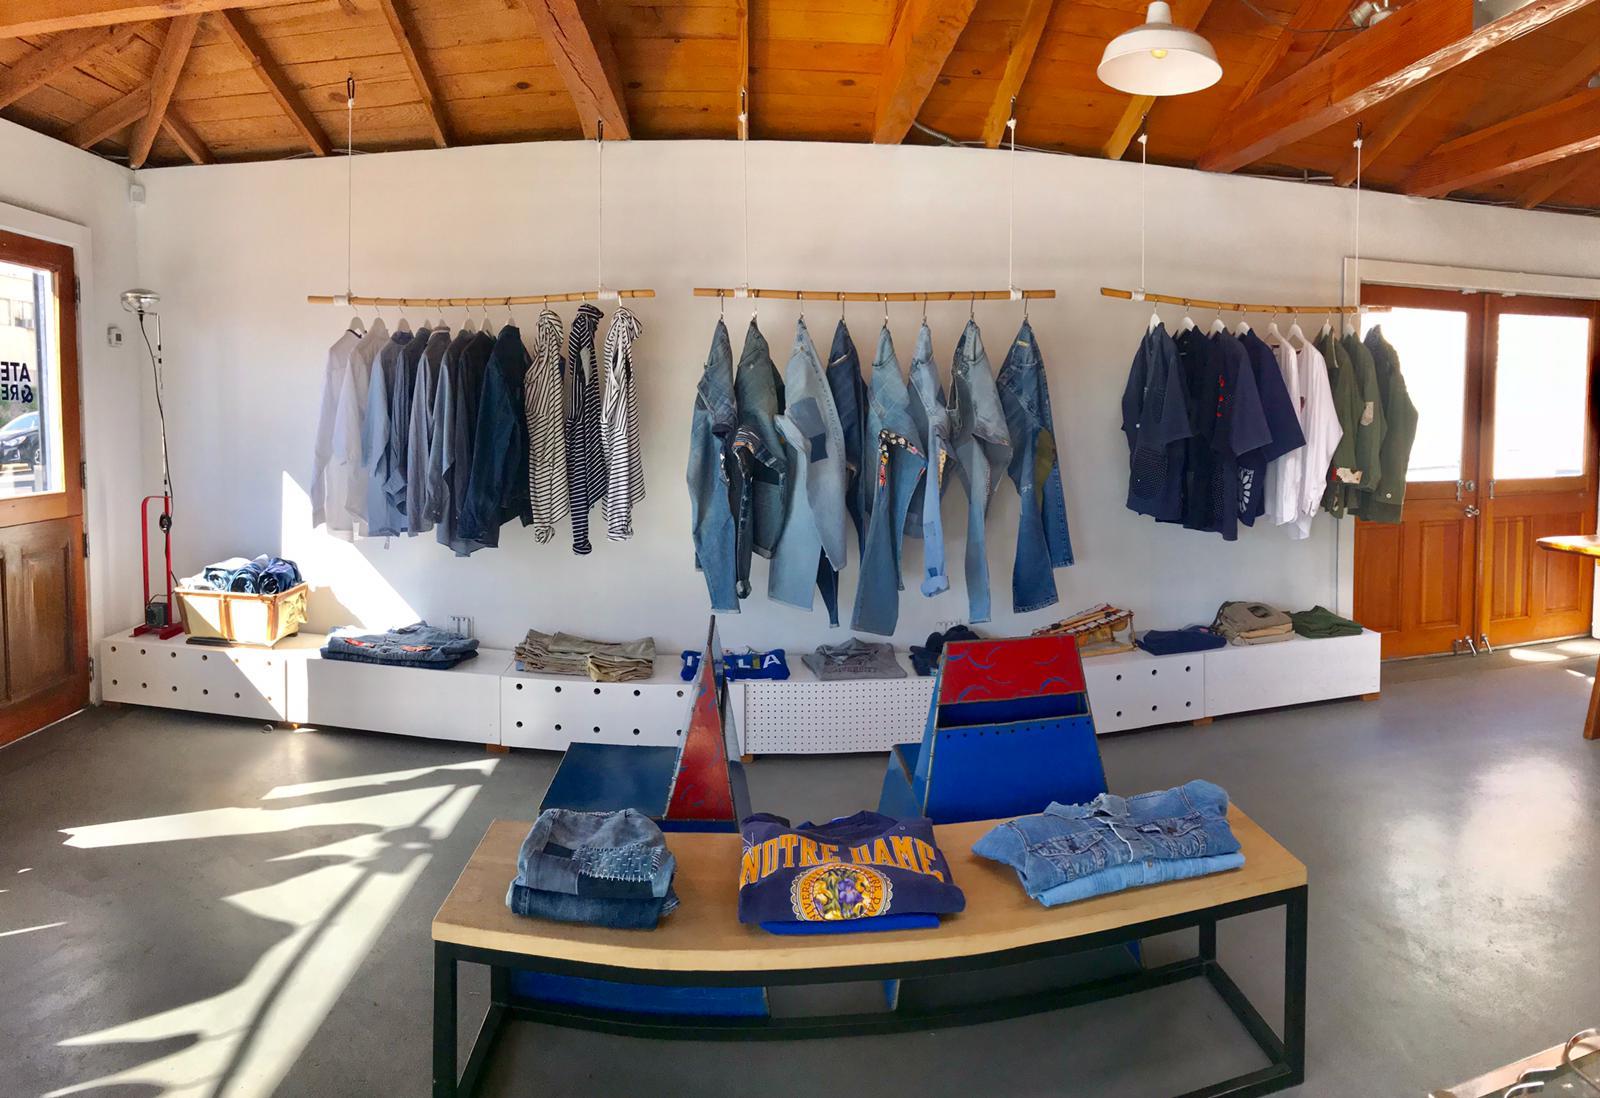 Atelier & Repairs Los Angeles Store